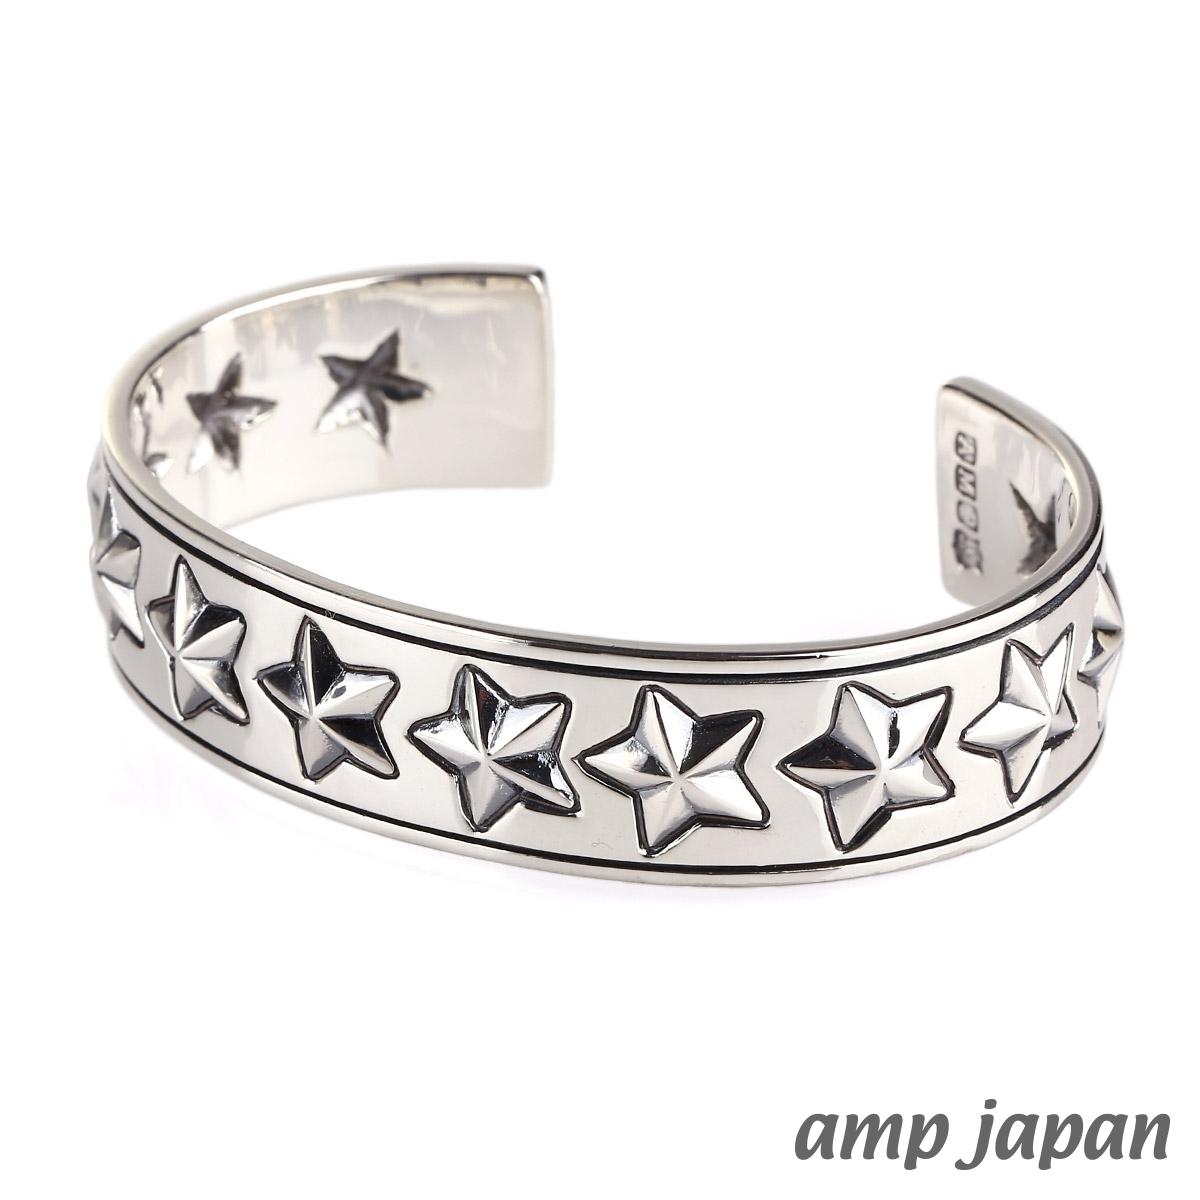 アンプジャパン【amp japan】Hybrid Star Bangle ハイブリッド スター バングル M